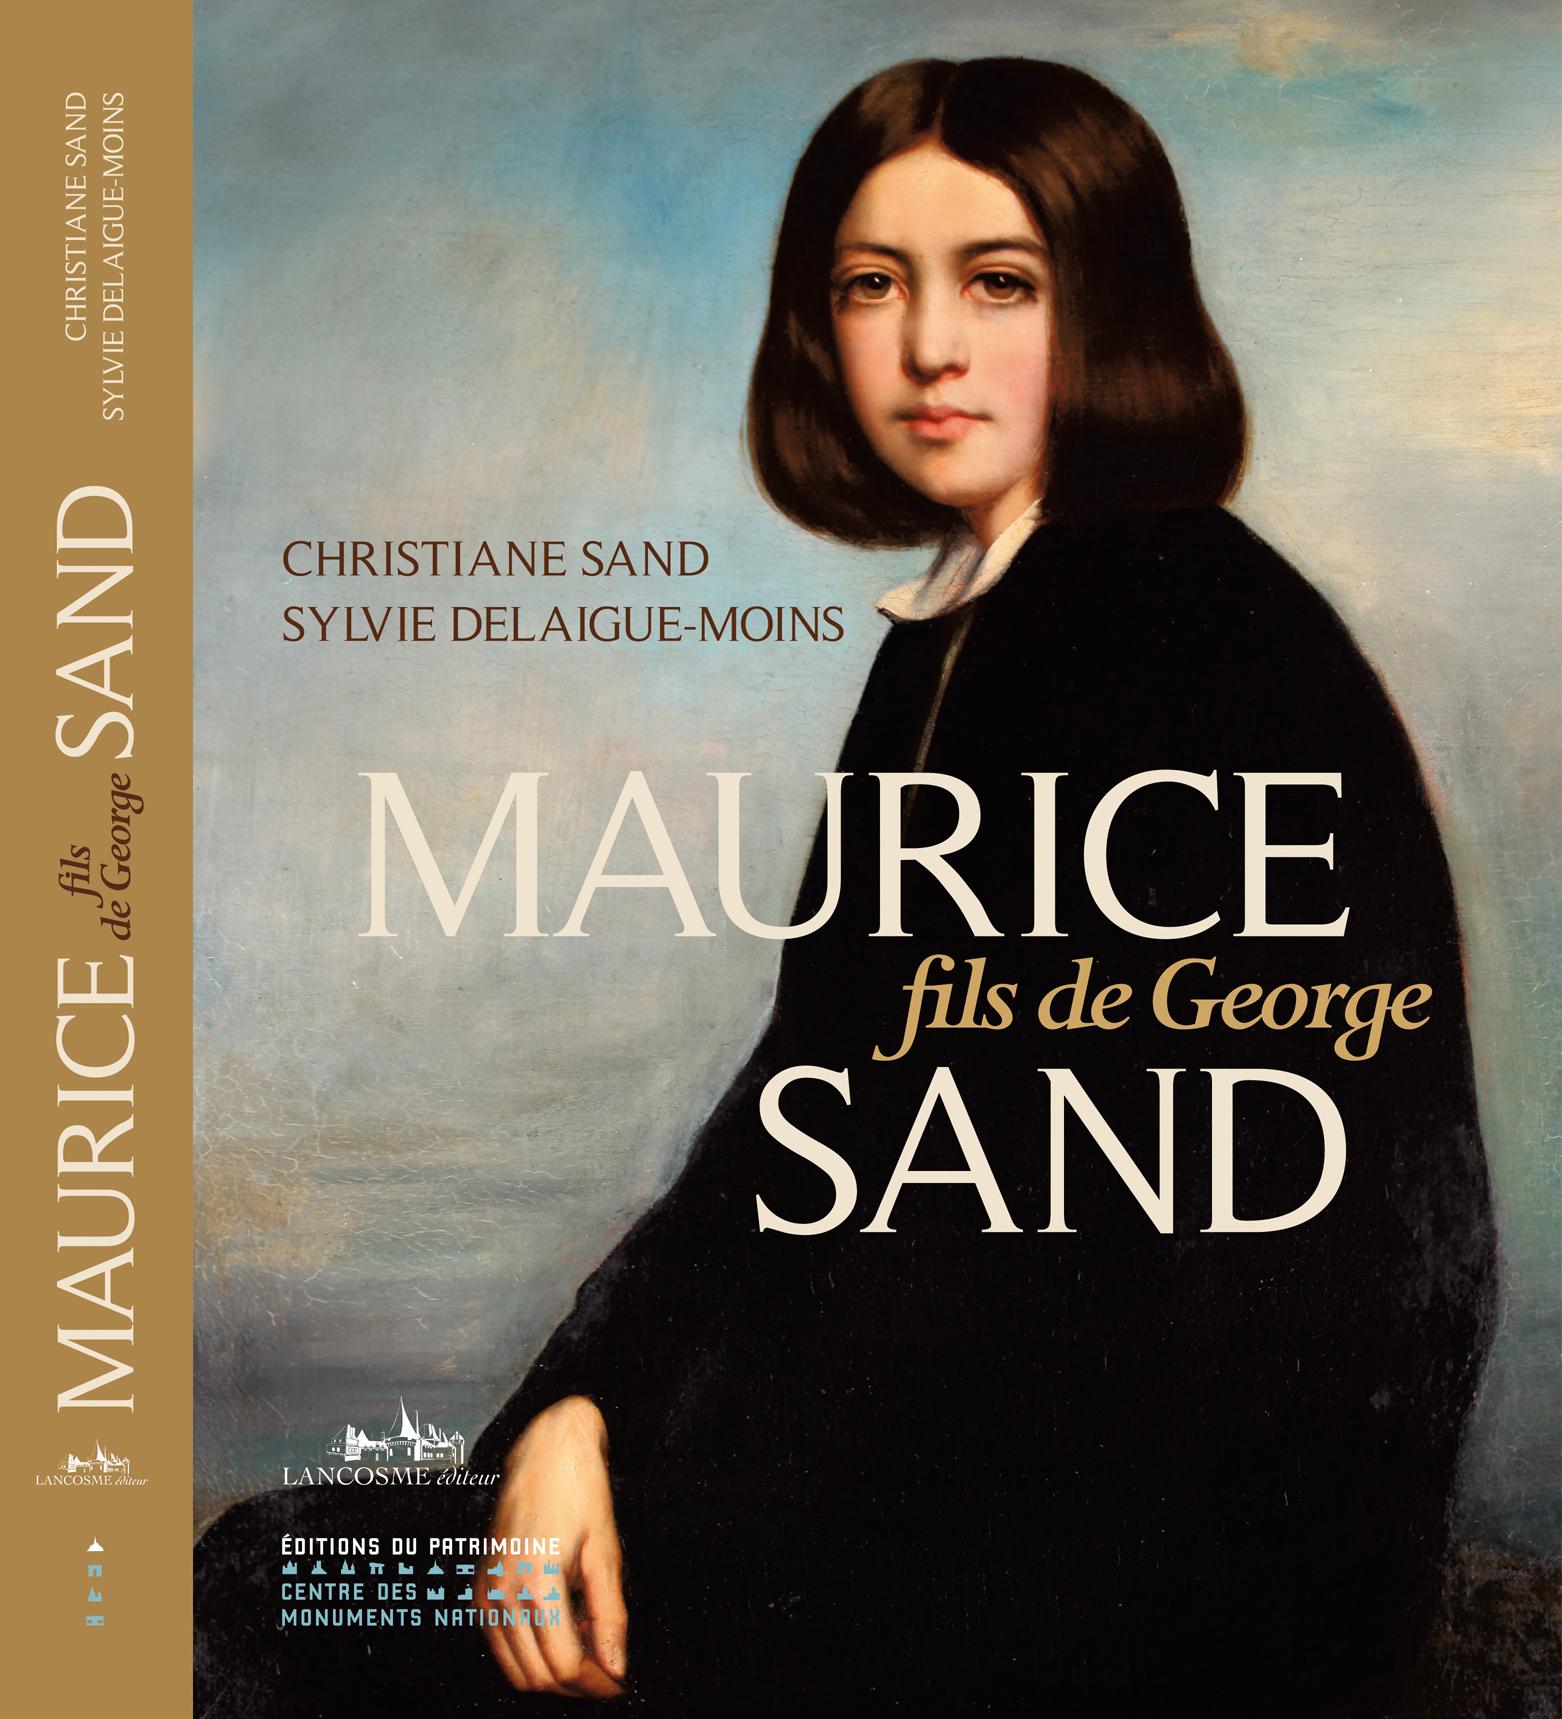 Maurice fils de George Sand